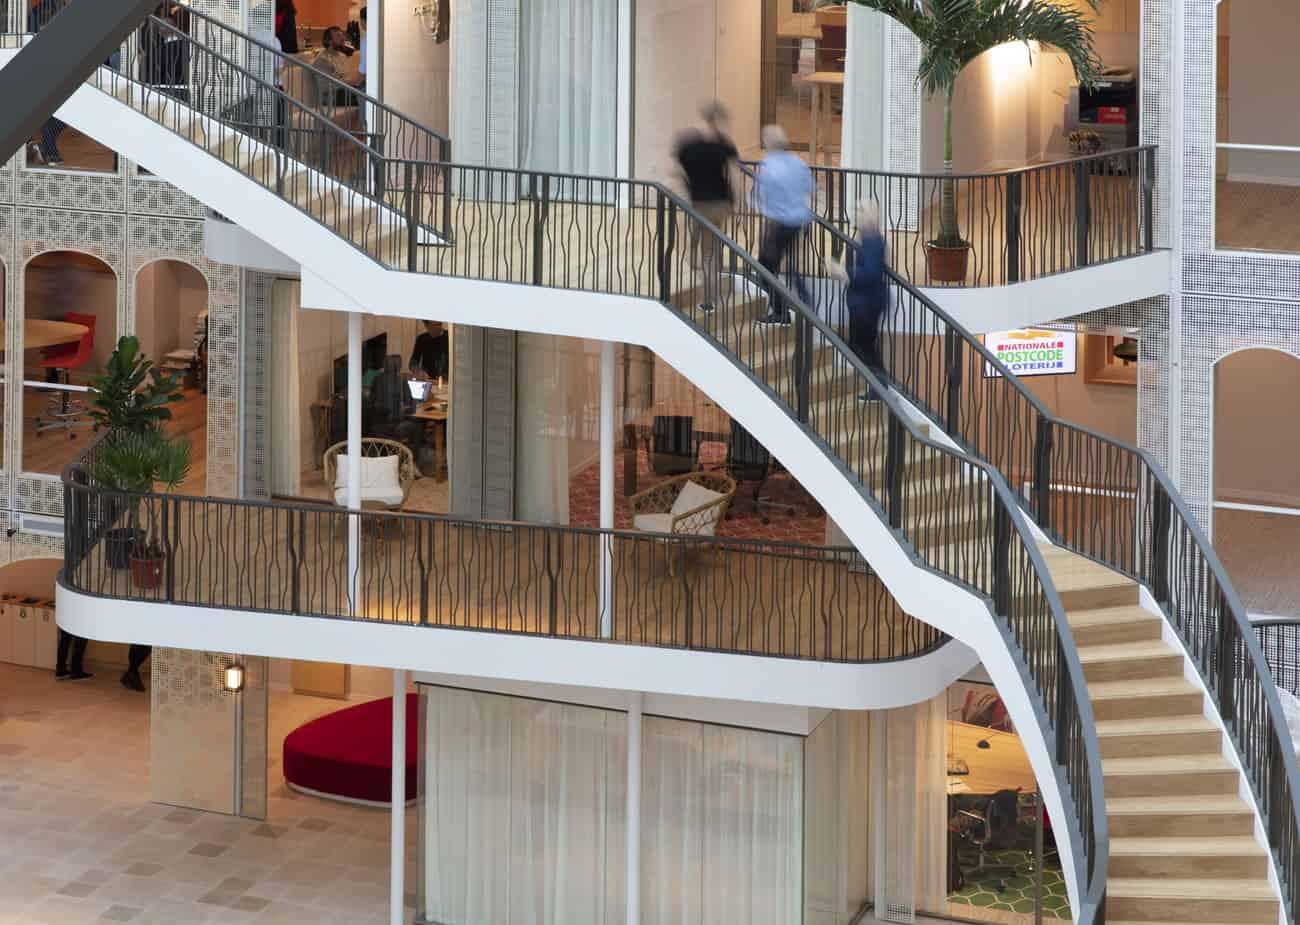 Goede Doelen, Amsterdam | Plan Effect